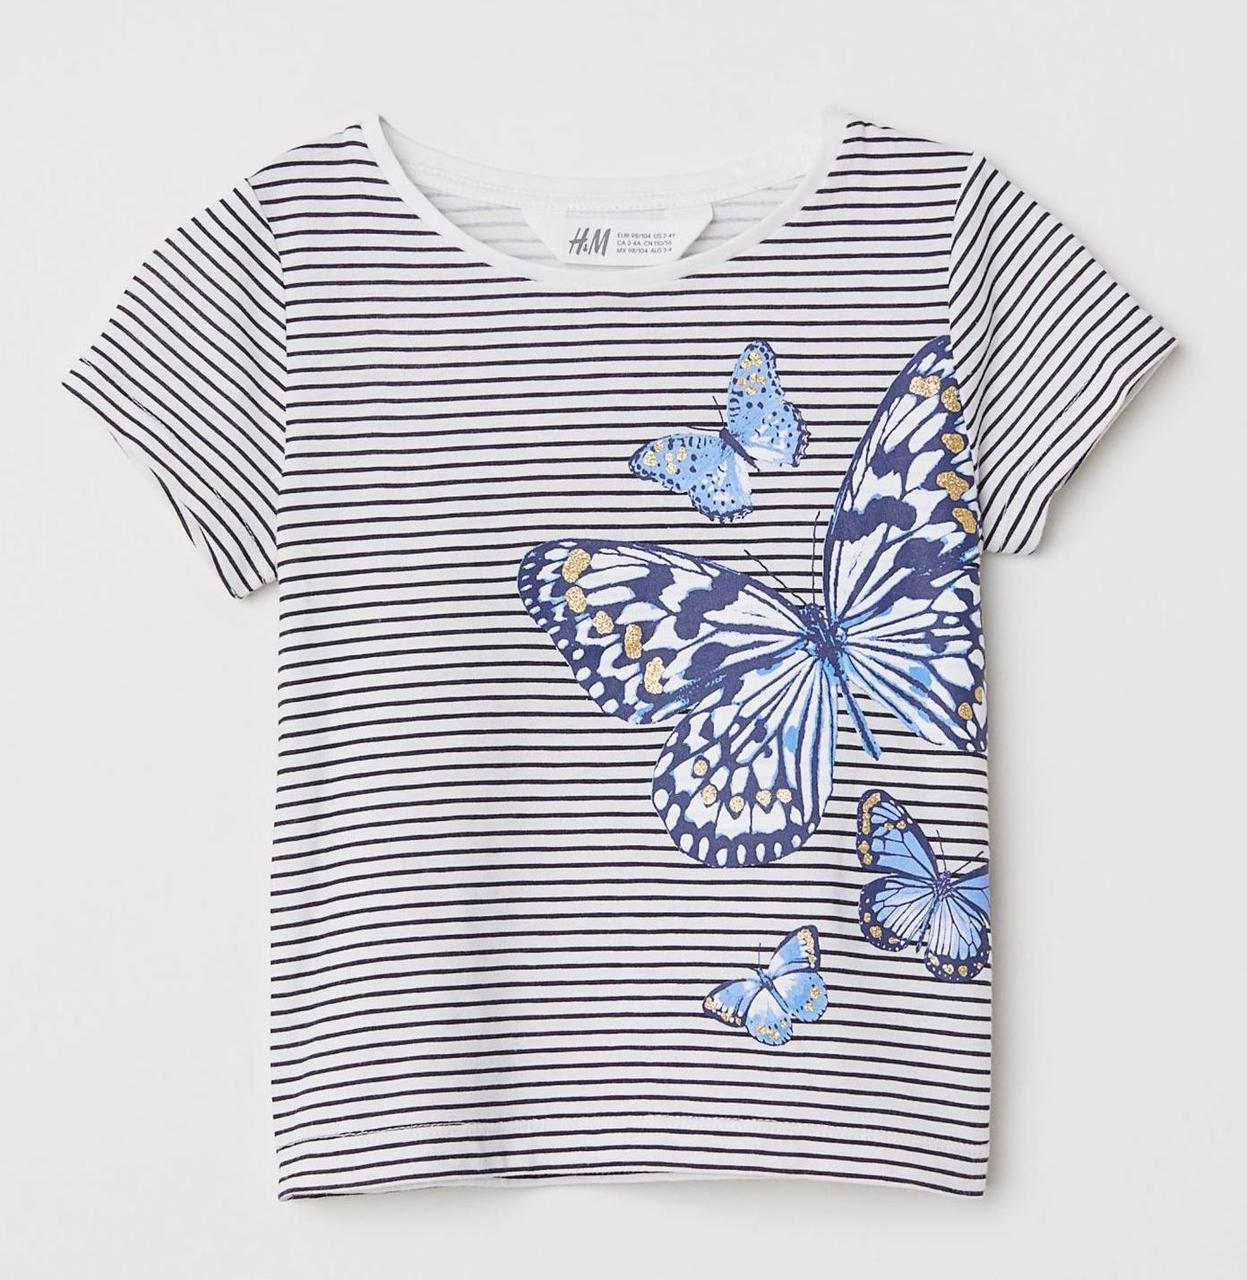 Літня футболка на дівчинку 4-6 років H&M Швеція Розмір 110-116